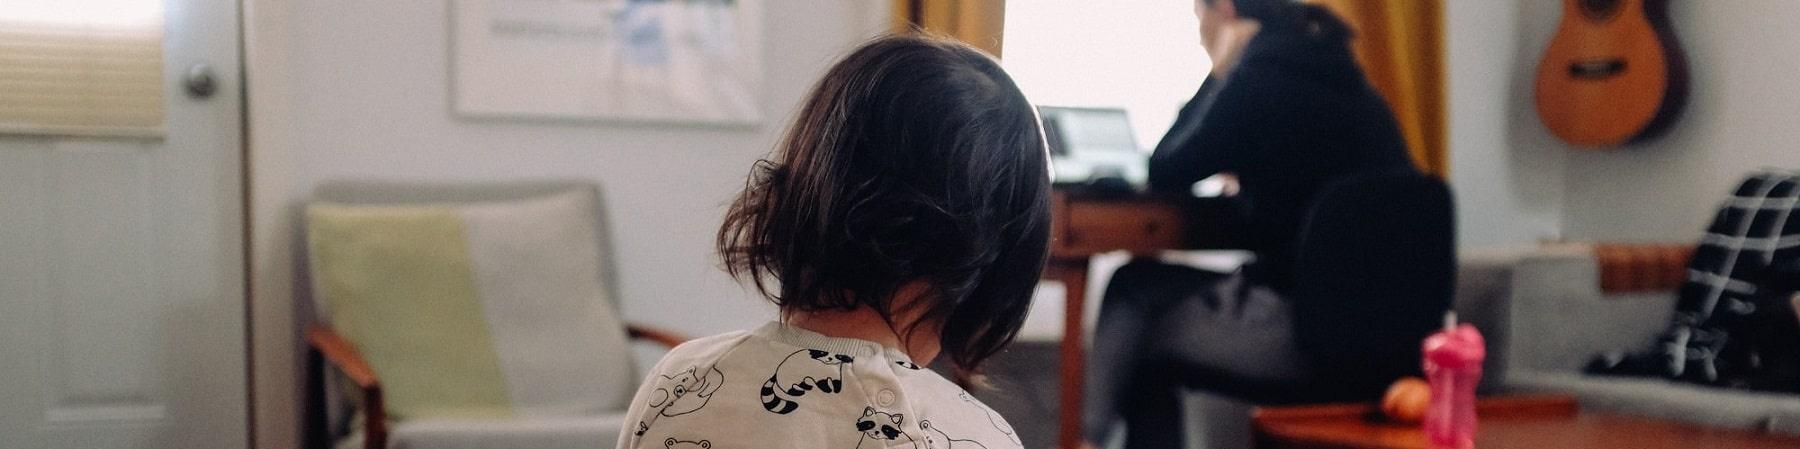 bimba in primo piano di spalle che gioca in casa e sullo sfondo la mamma che lavora al pc